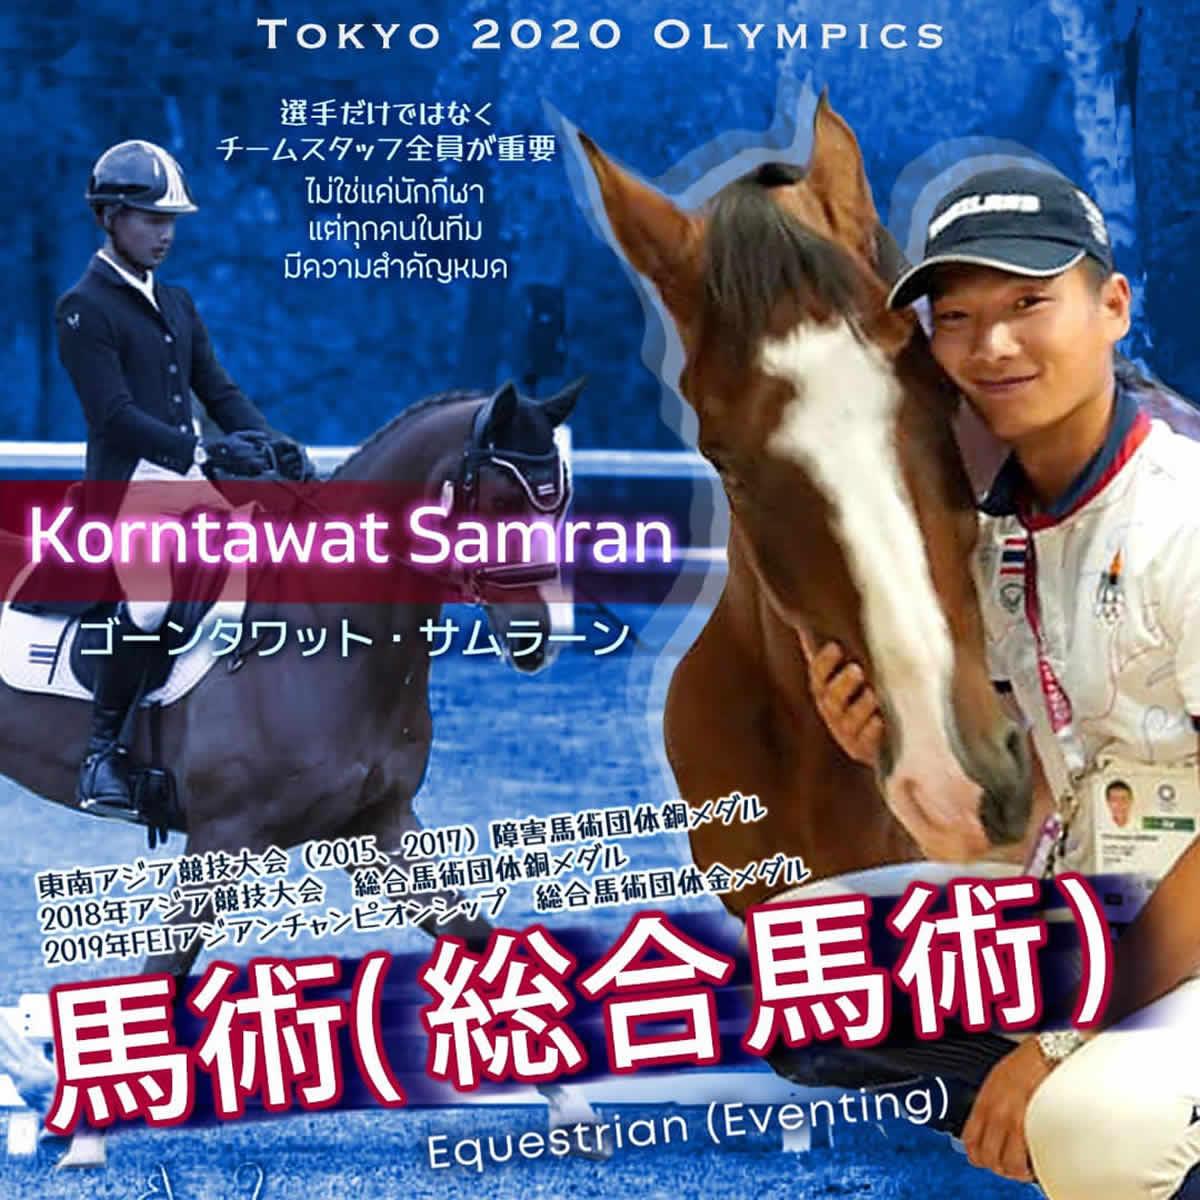 ゴーンタワット・サムラーン(ナット)選手[馬術 タイ代表]東京2020オリンピック